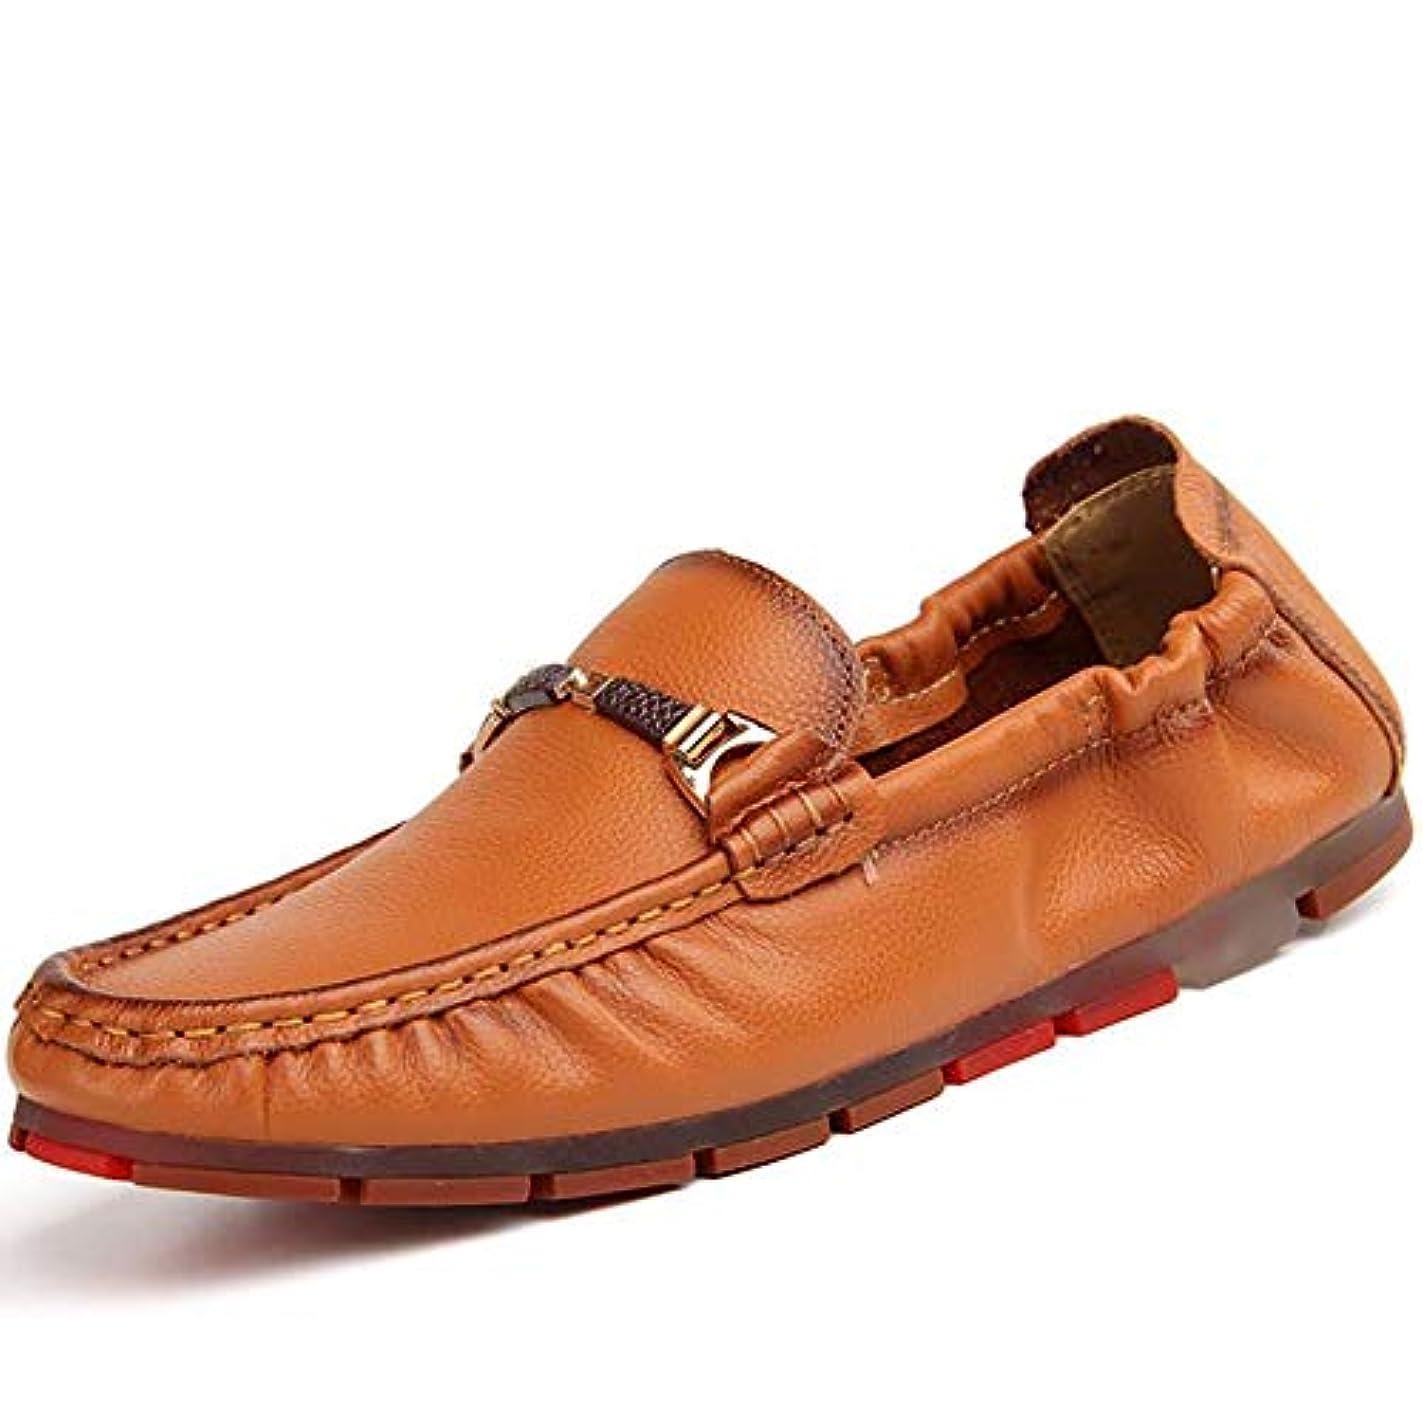 あなたは子光の革の靴新しい男性の靴ライト浅口ビジネス靴エンドウ靴男性フォーマル,A,44